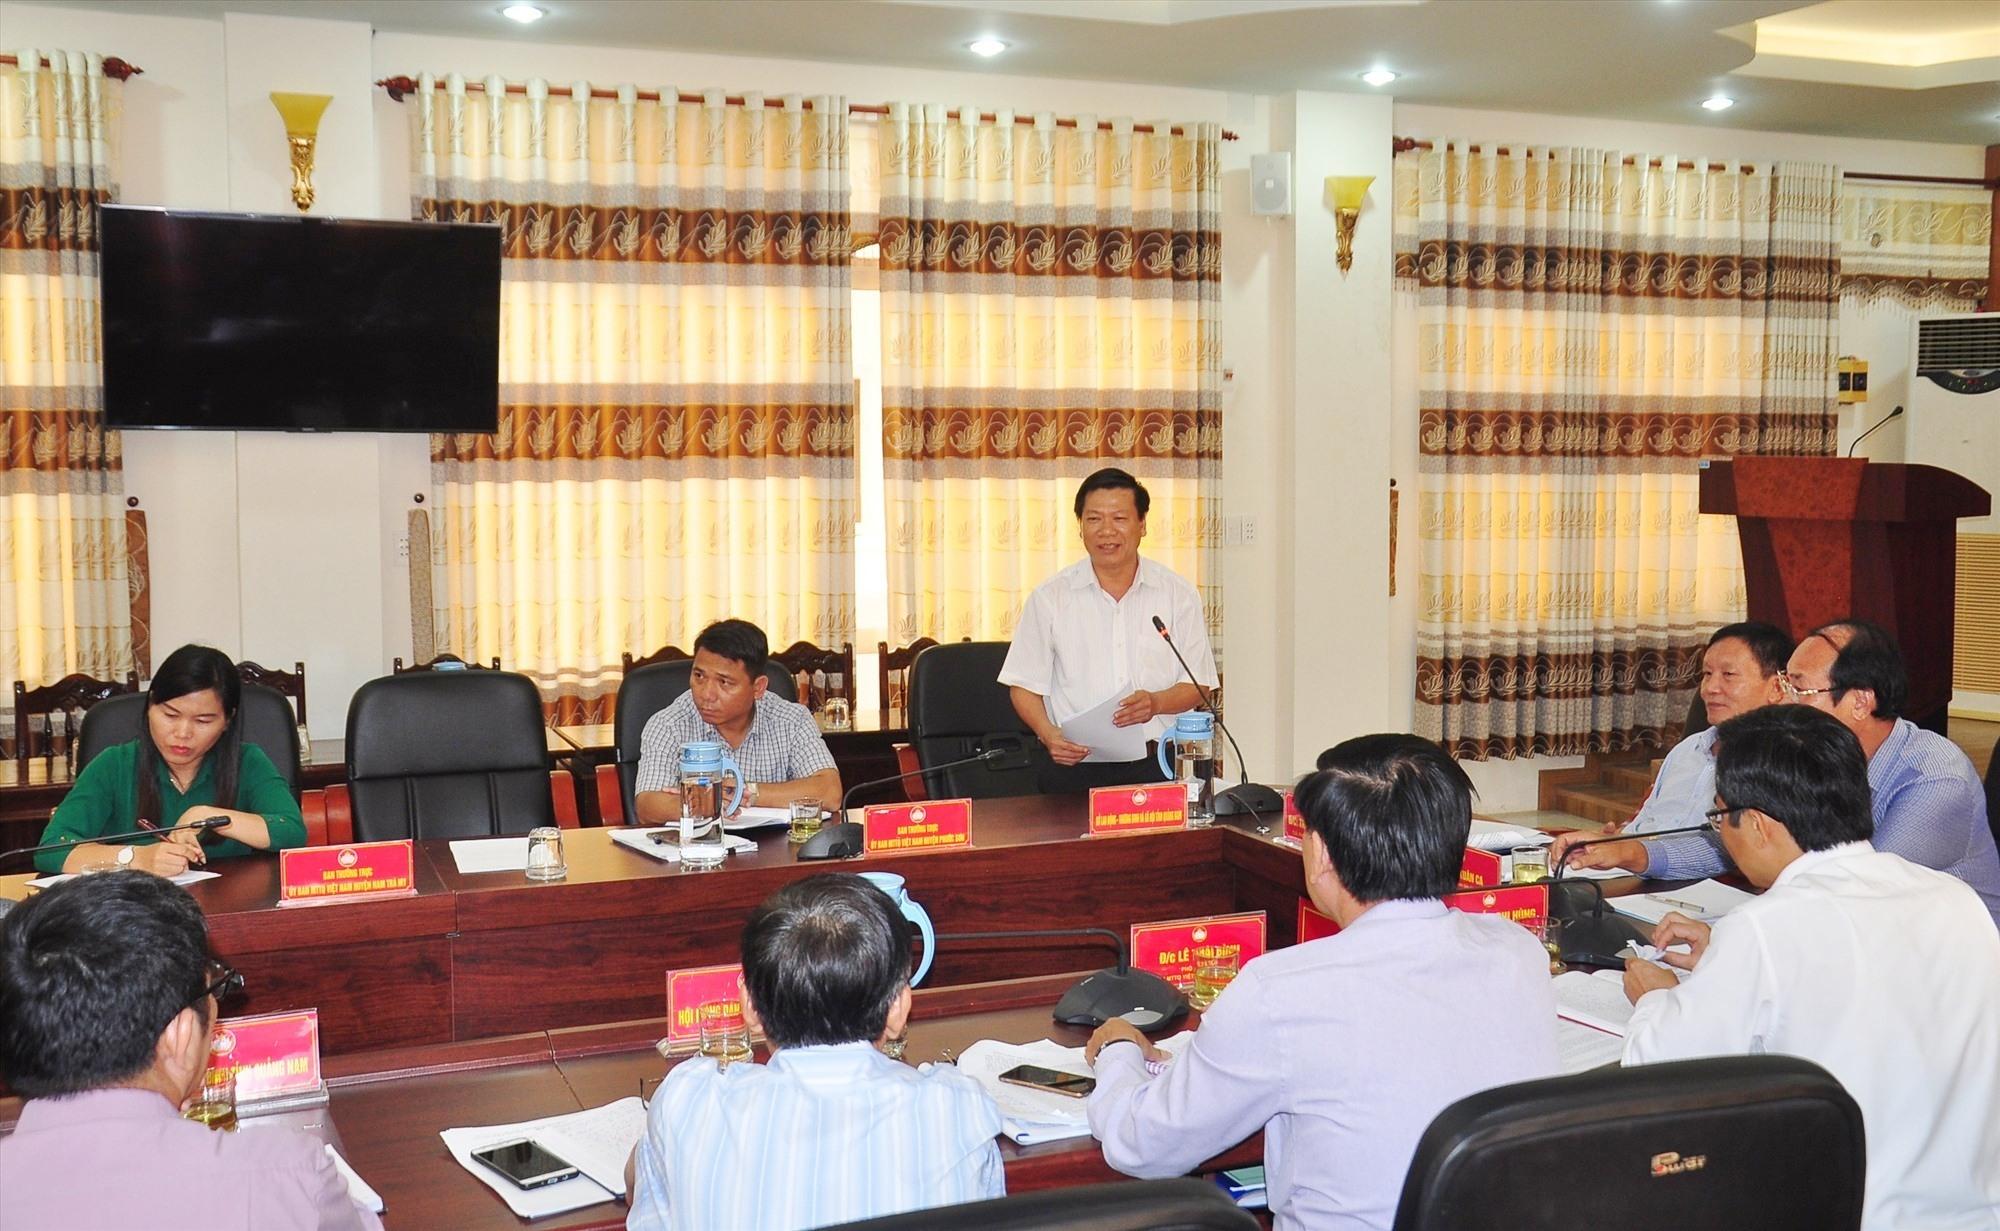 Ông Huỳnh Ngọc Chiến - Phó giám đốc Sở LĐ-TBXH tỉnh phát biểu tại hội nghị. Ảnh: VINH ANH